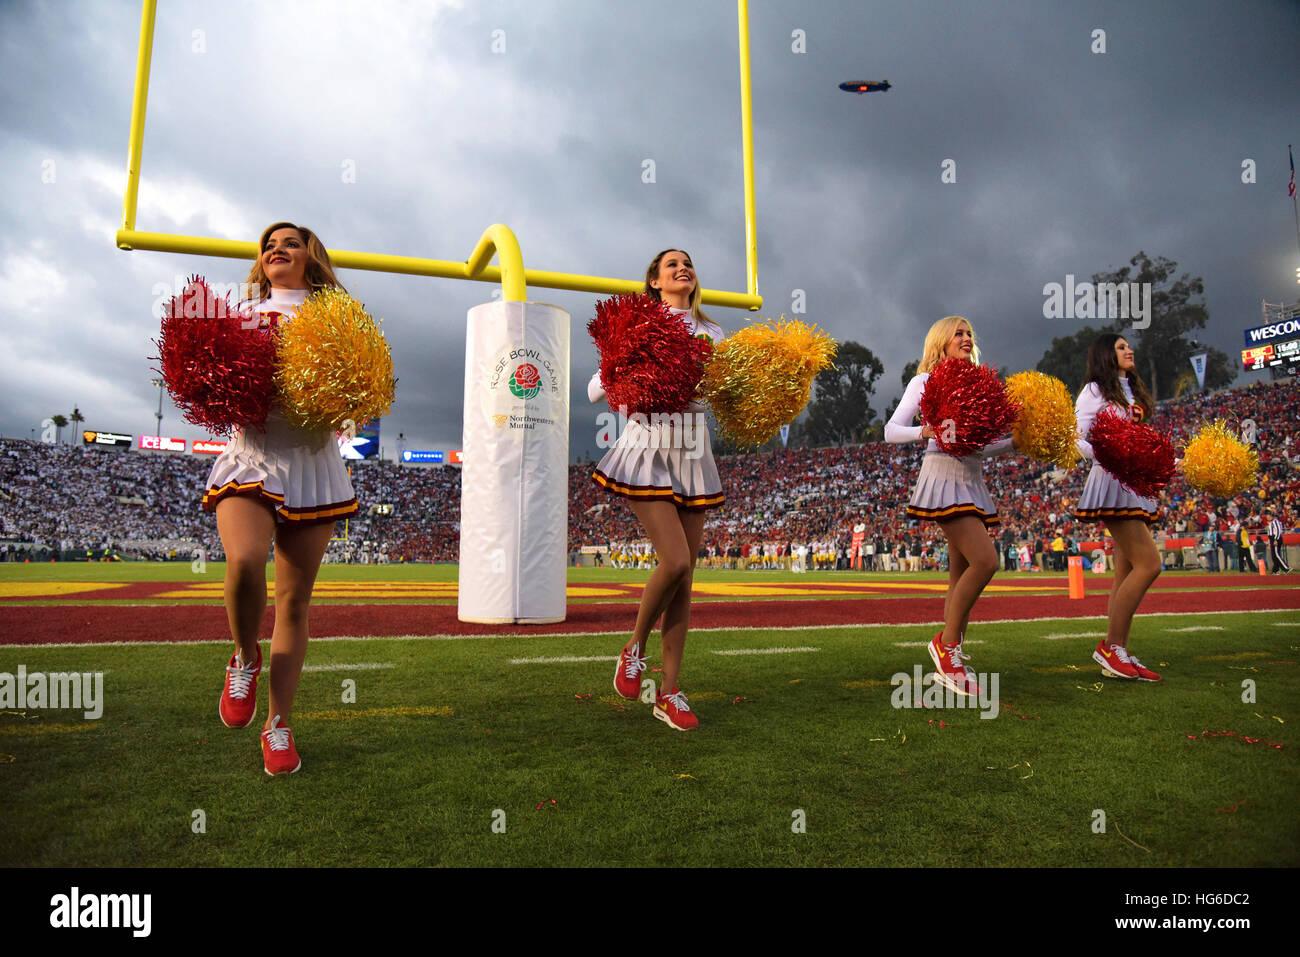 Pasadena, Kalifornien, USA. 2. Januar 2017. Cheerleader der USC Trojans in Aktion während einer spannenden 52-49 Stockfoto